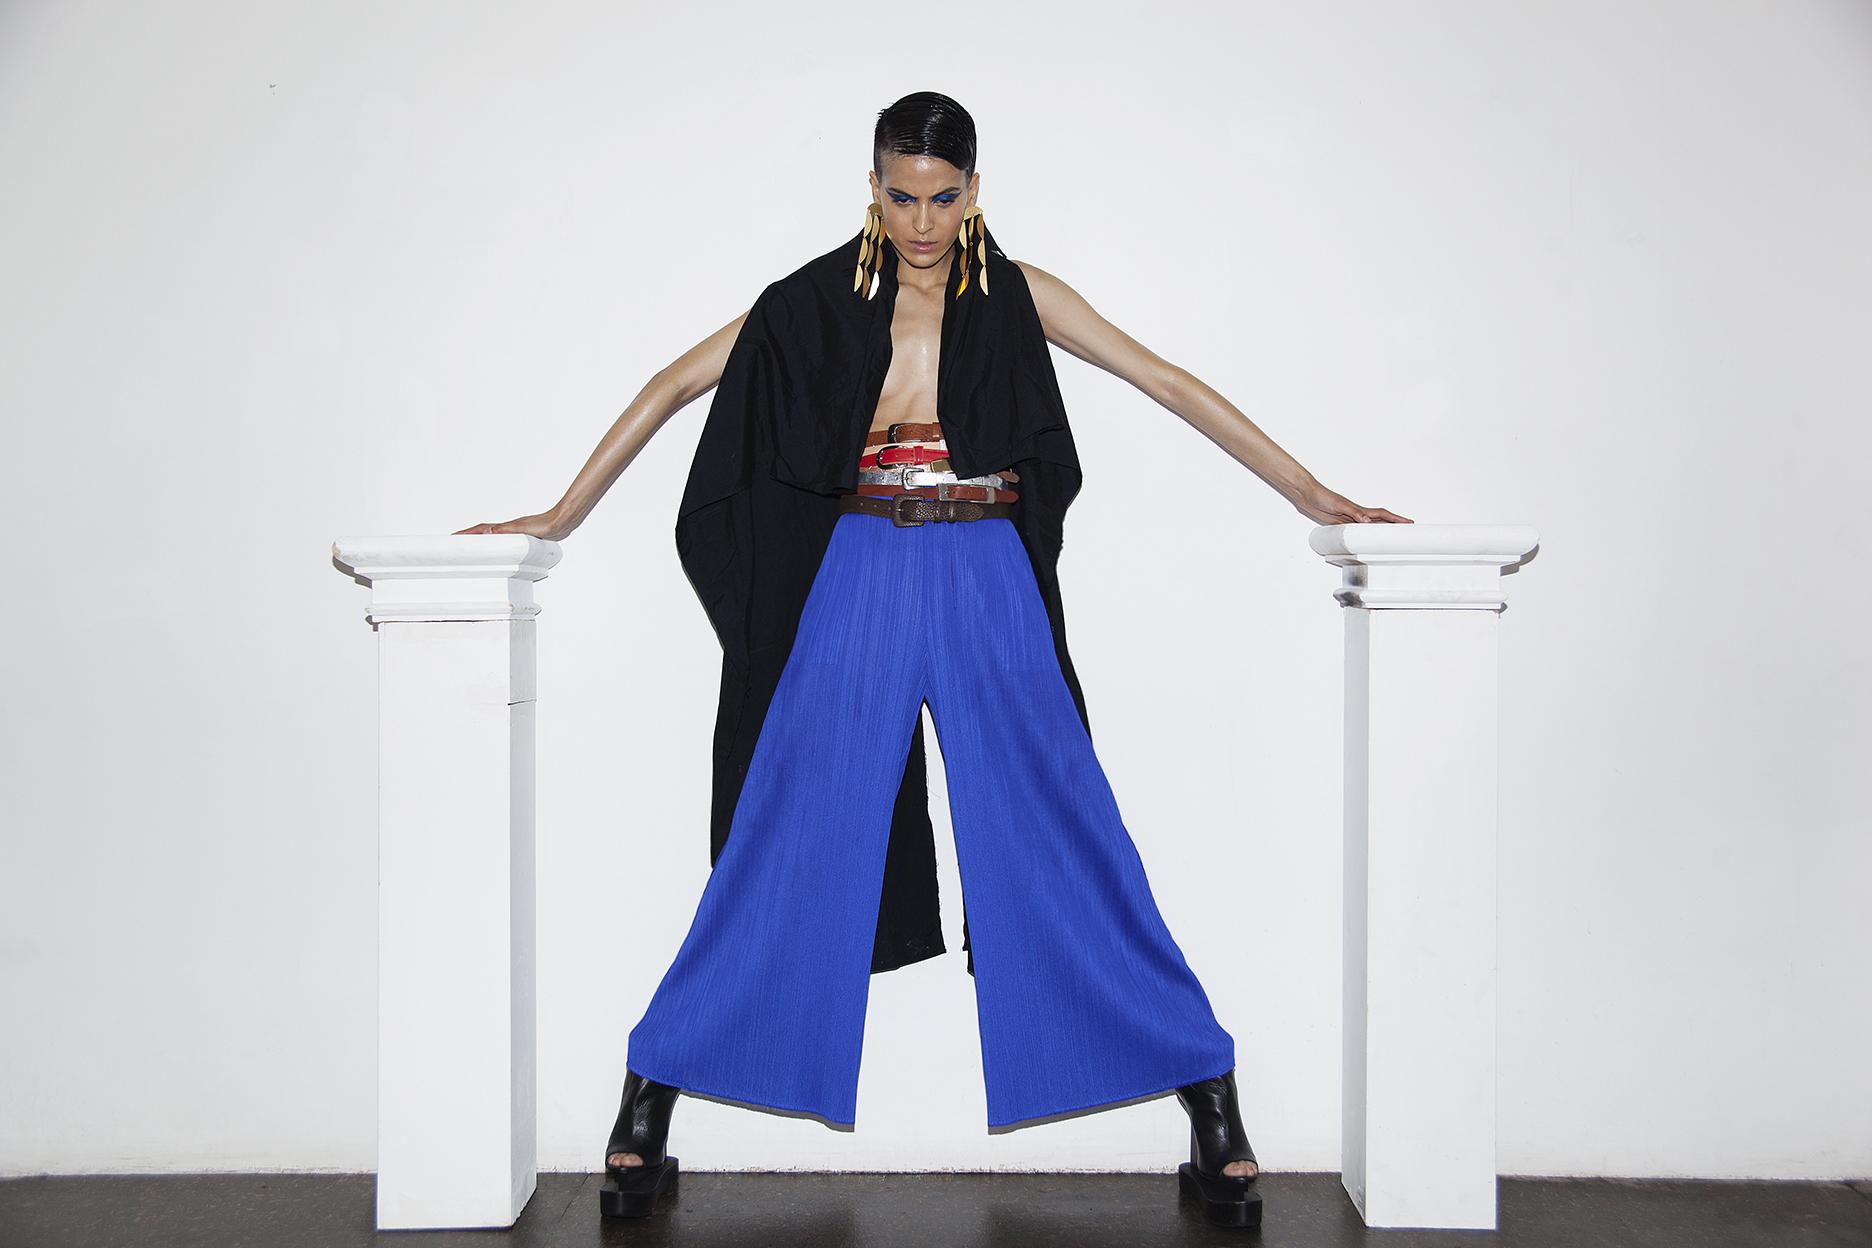 Pantalones  Issey Miyake , capa, zapatos y accesorios de la estilista.